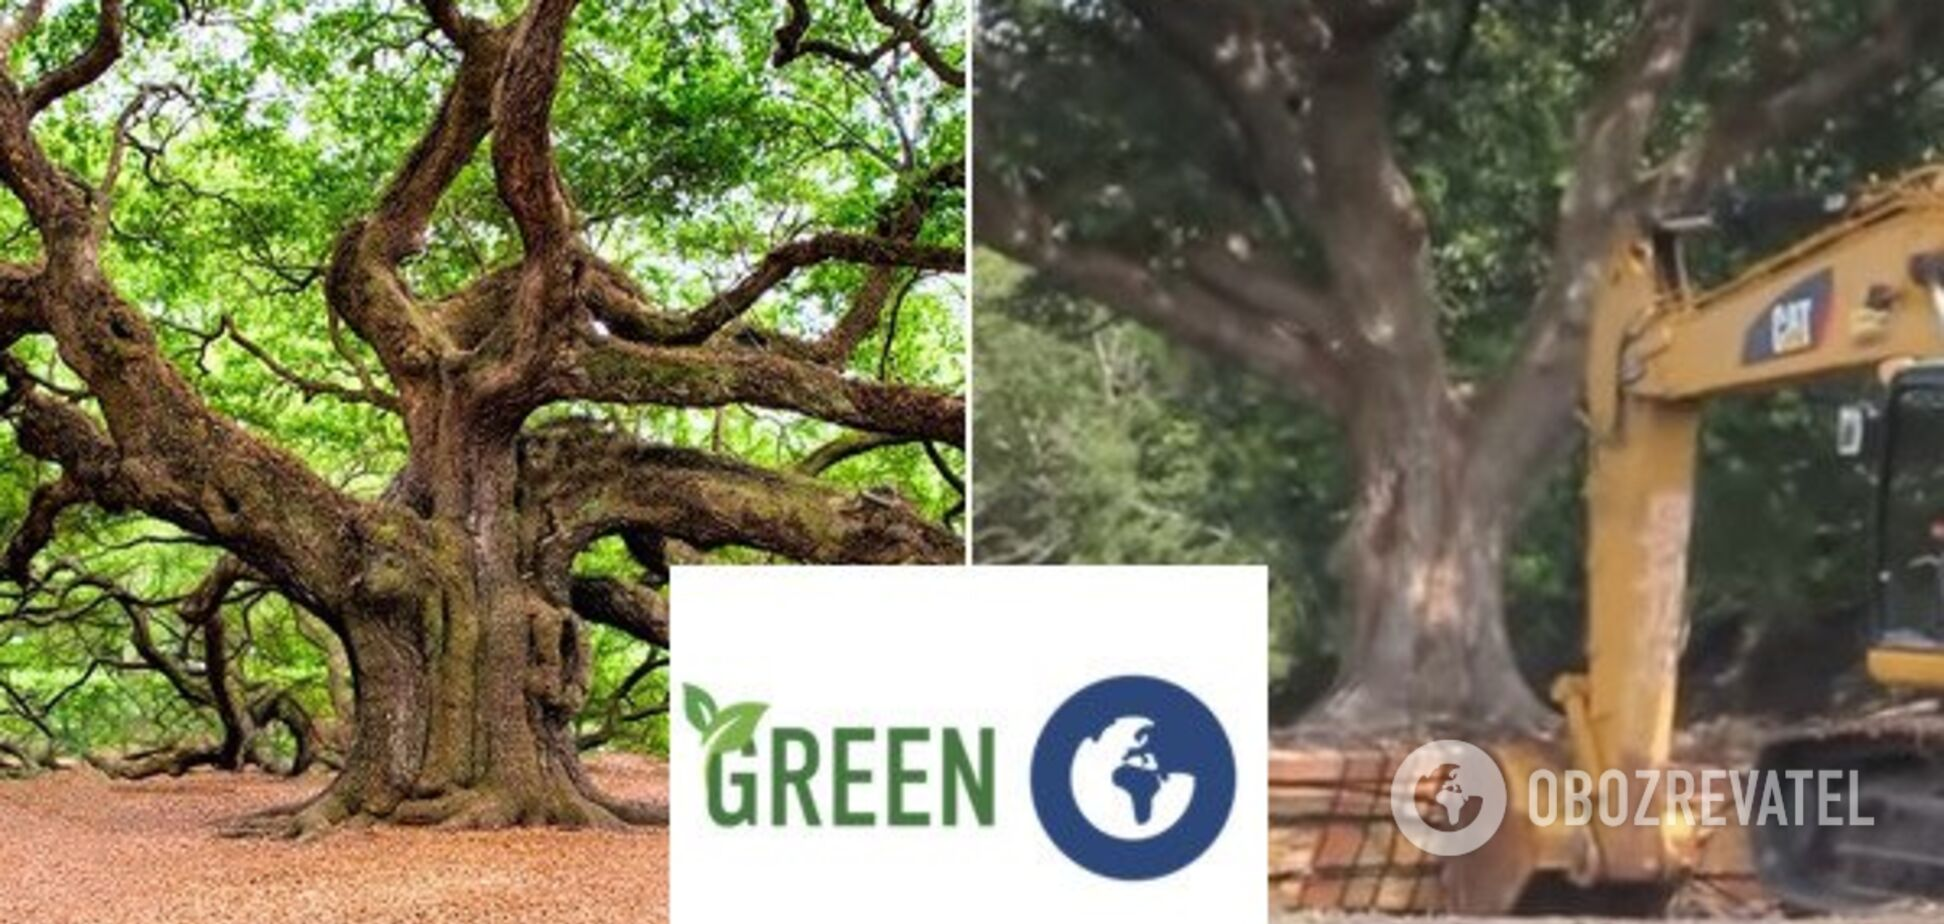 Как в мире сохраняют деревья: появилось впечатляющее видео